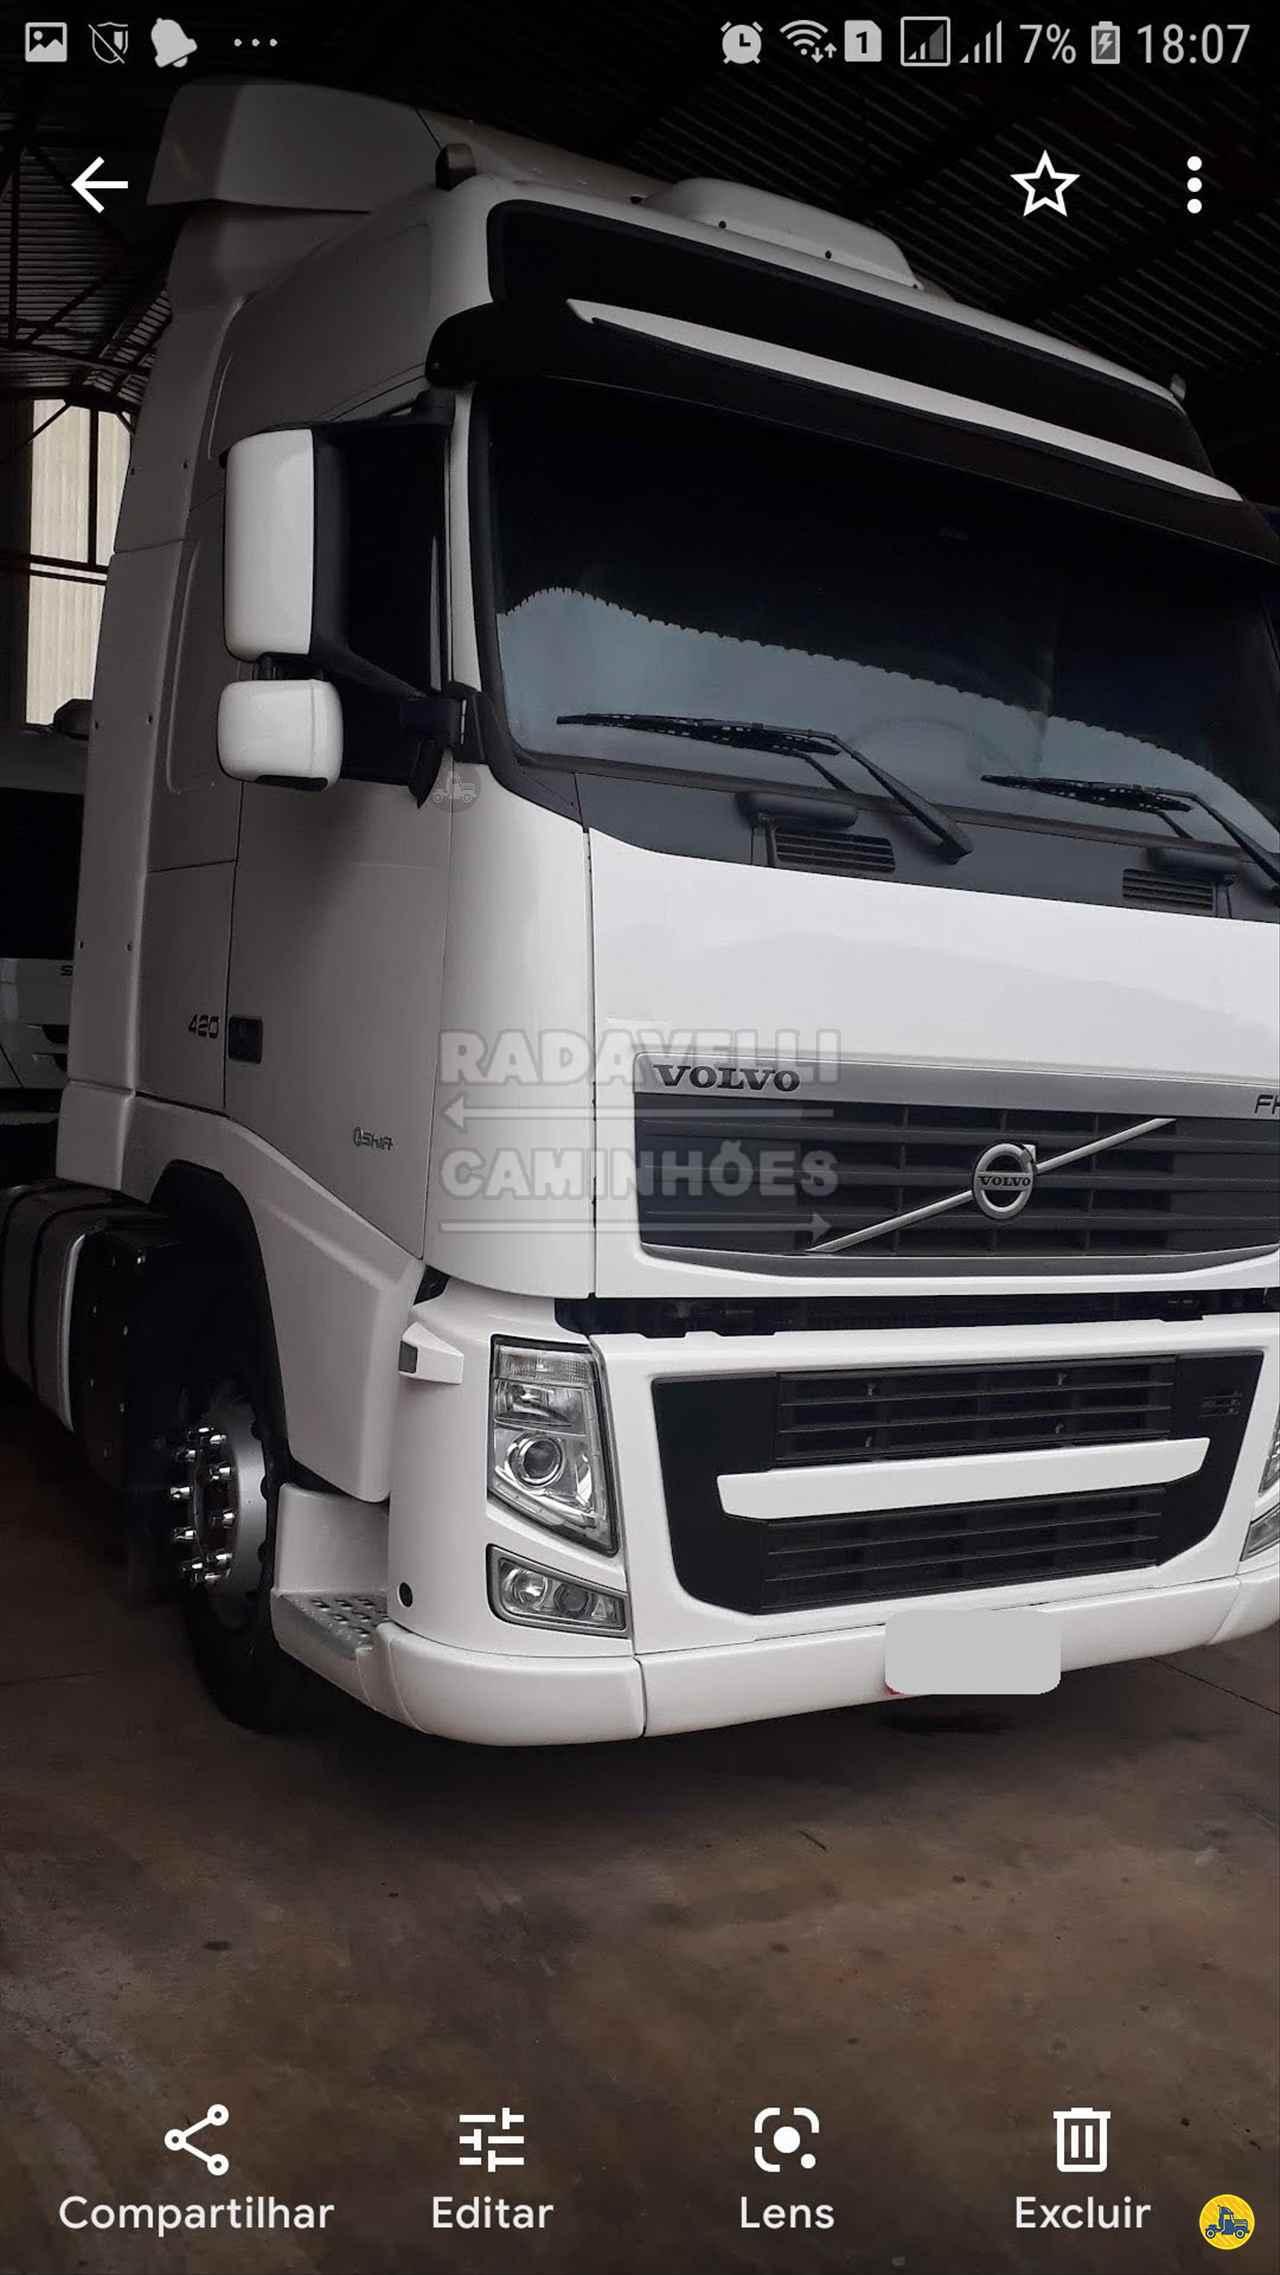 CAMINHAO VOLVO VOLVO FH 400 Cavalo Mecânico Truck 6x2 Radavelli Caminhões MATAO SÃO PAULO SP